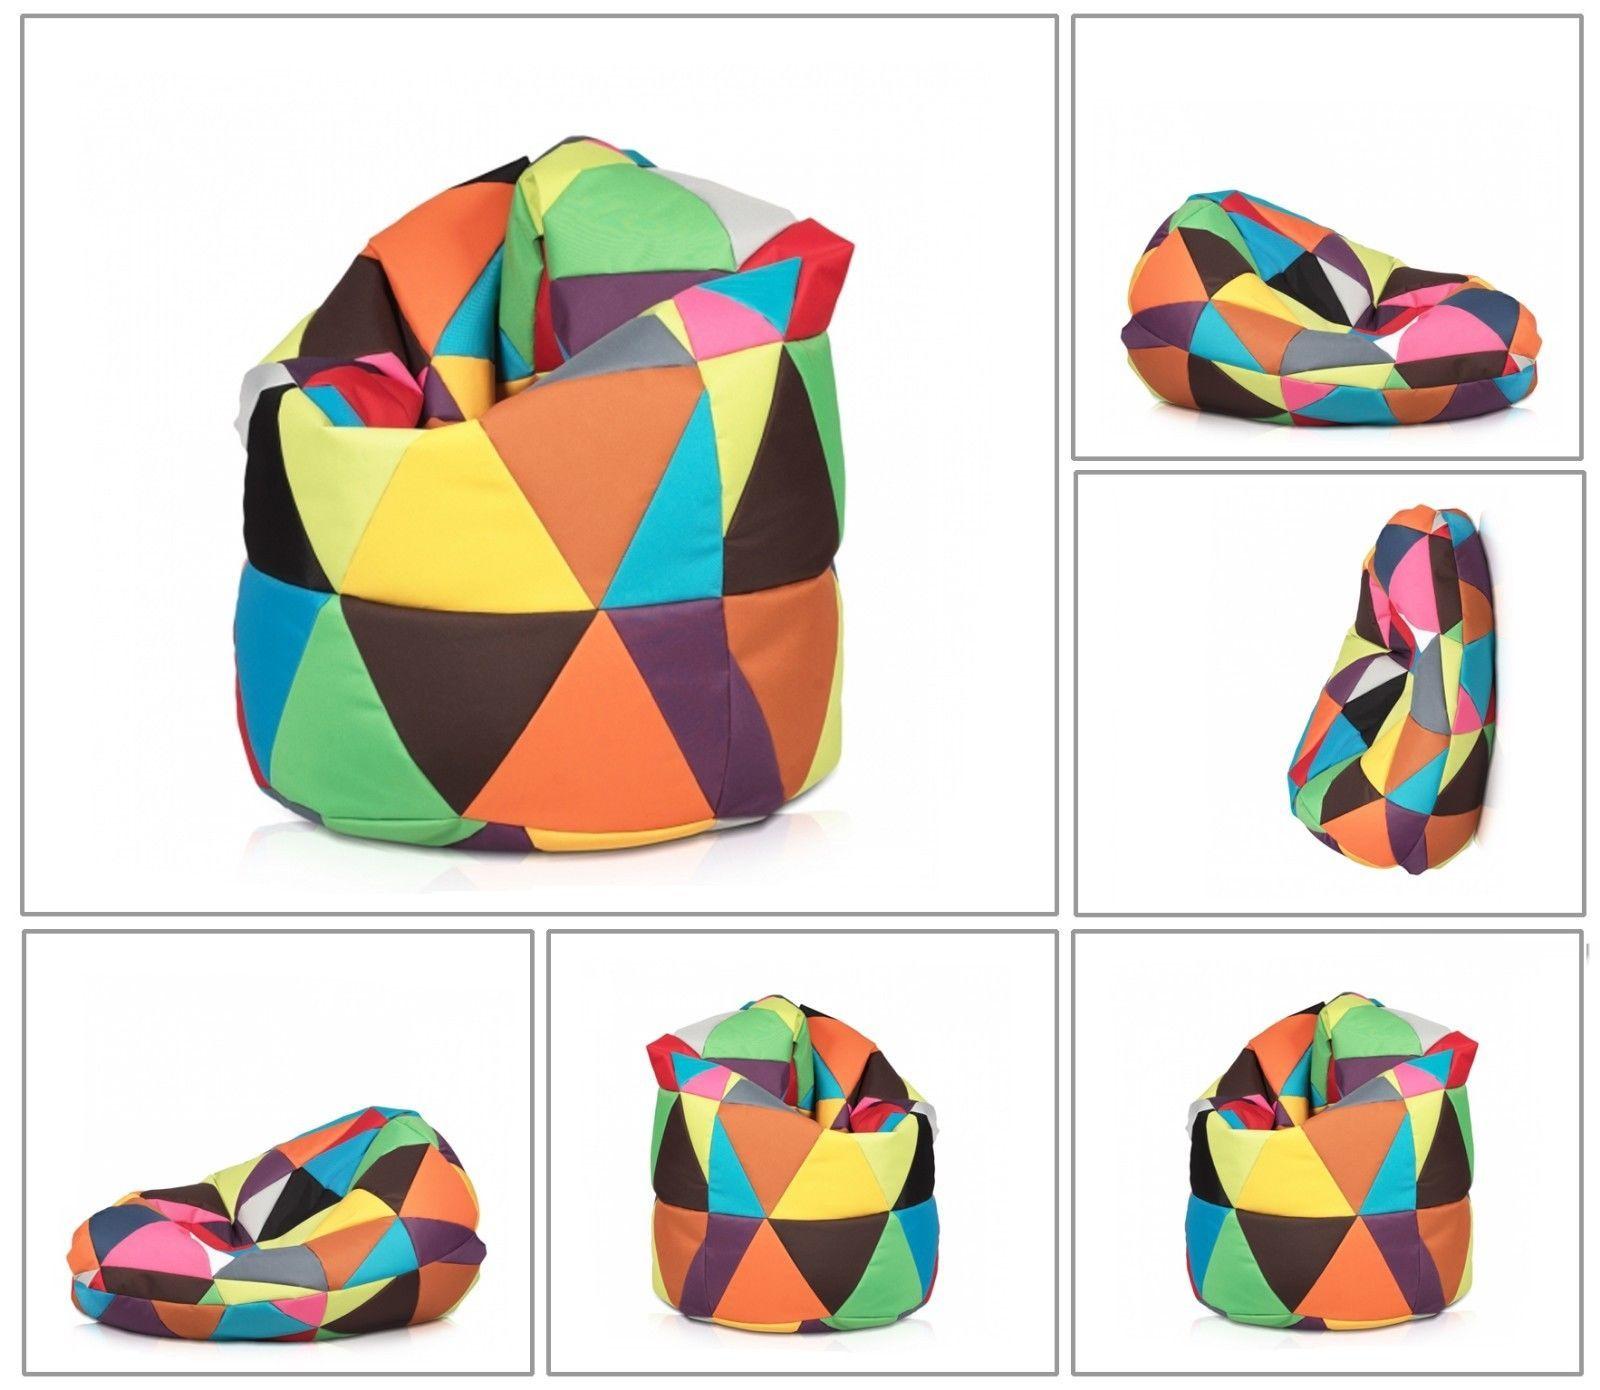 Das Ist Ein Sitzsack Sako Mix Modernes Design Unkonventionelle